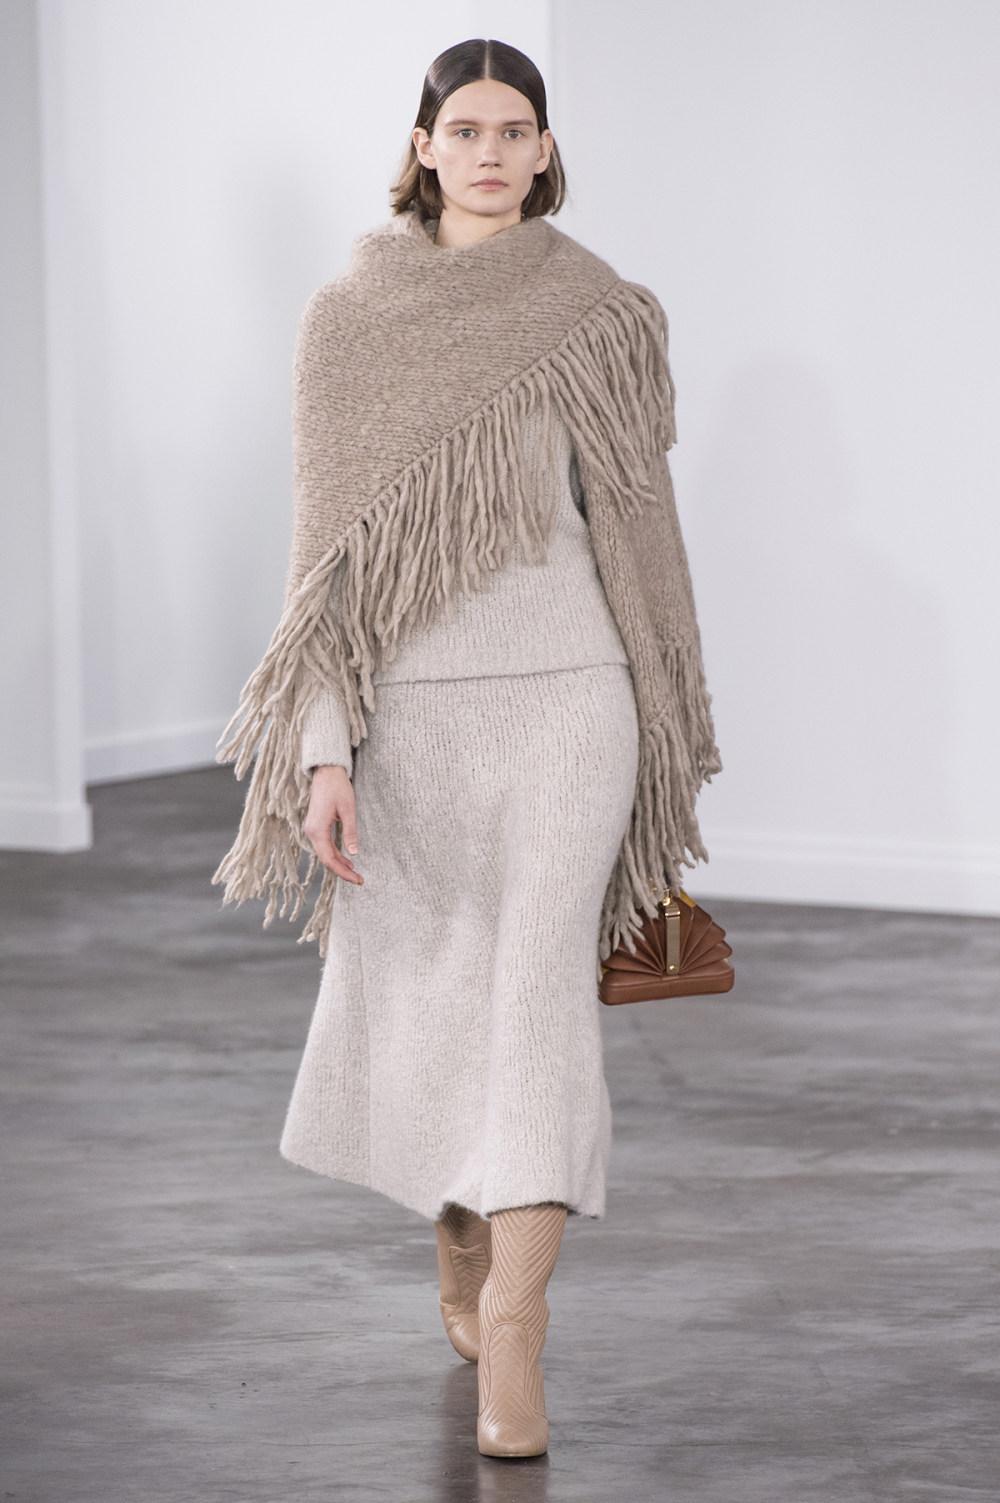 Gabriela Hearst时装系列细条纹西装和宽大毛衣之间形成鲜明对比-8.jpg